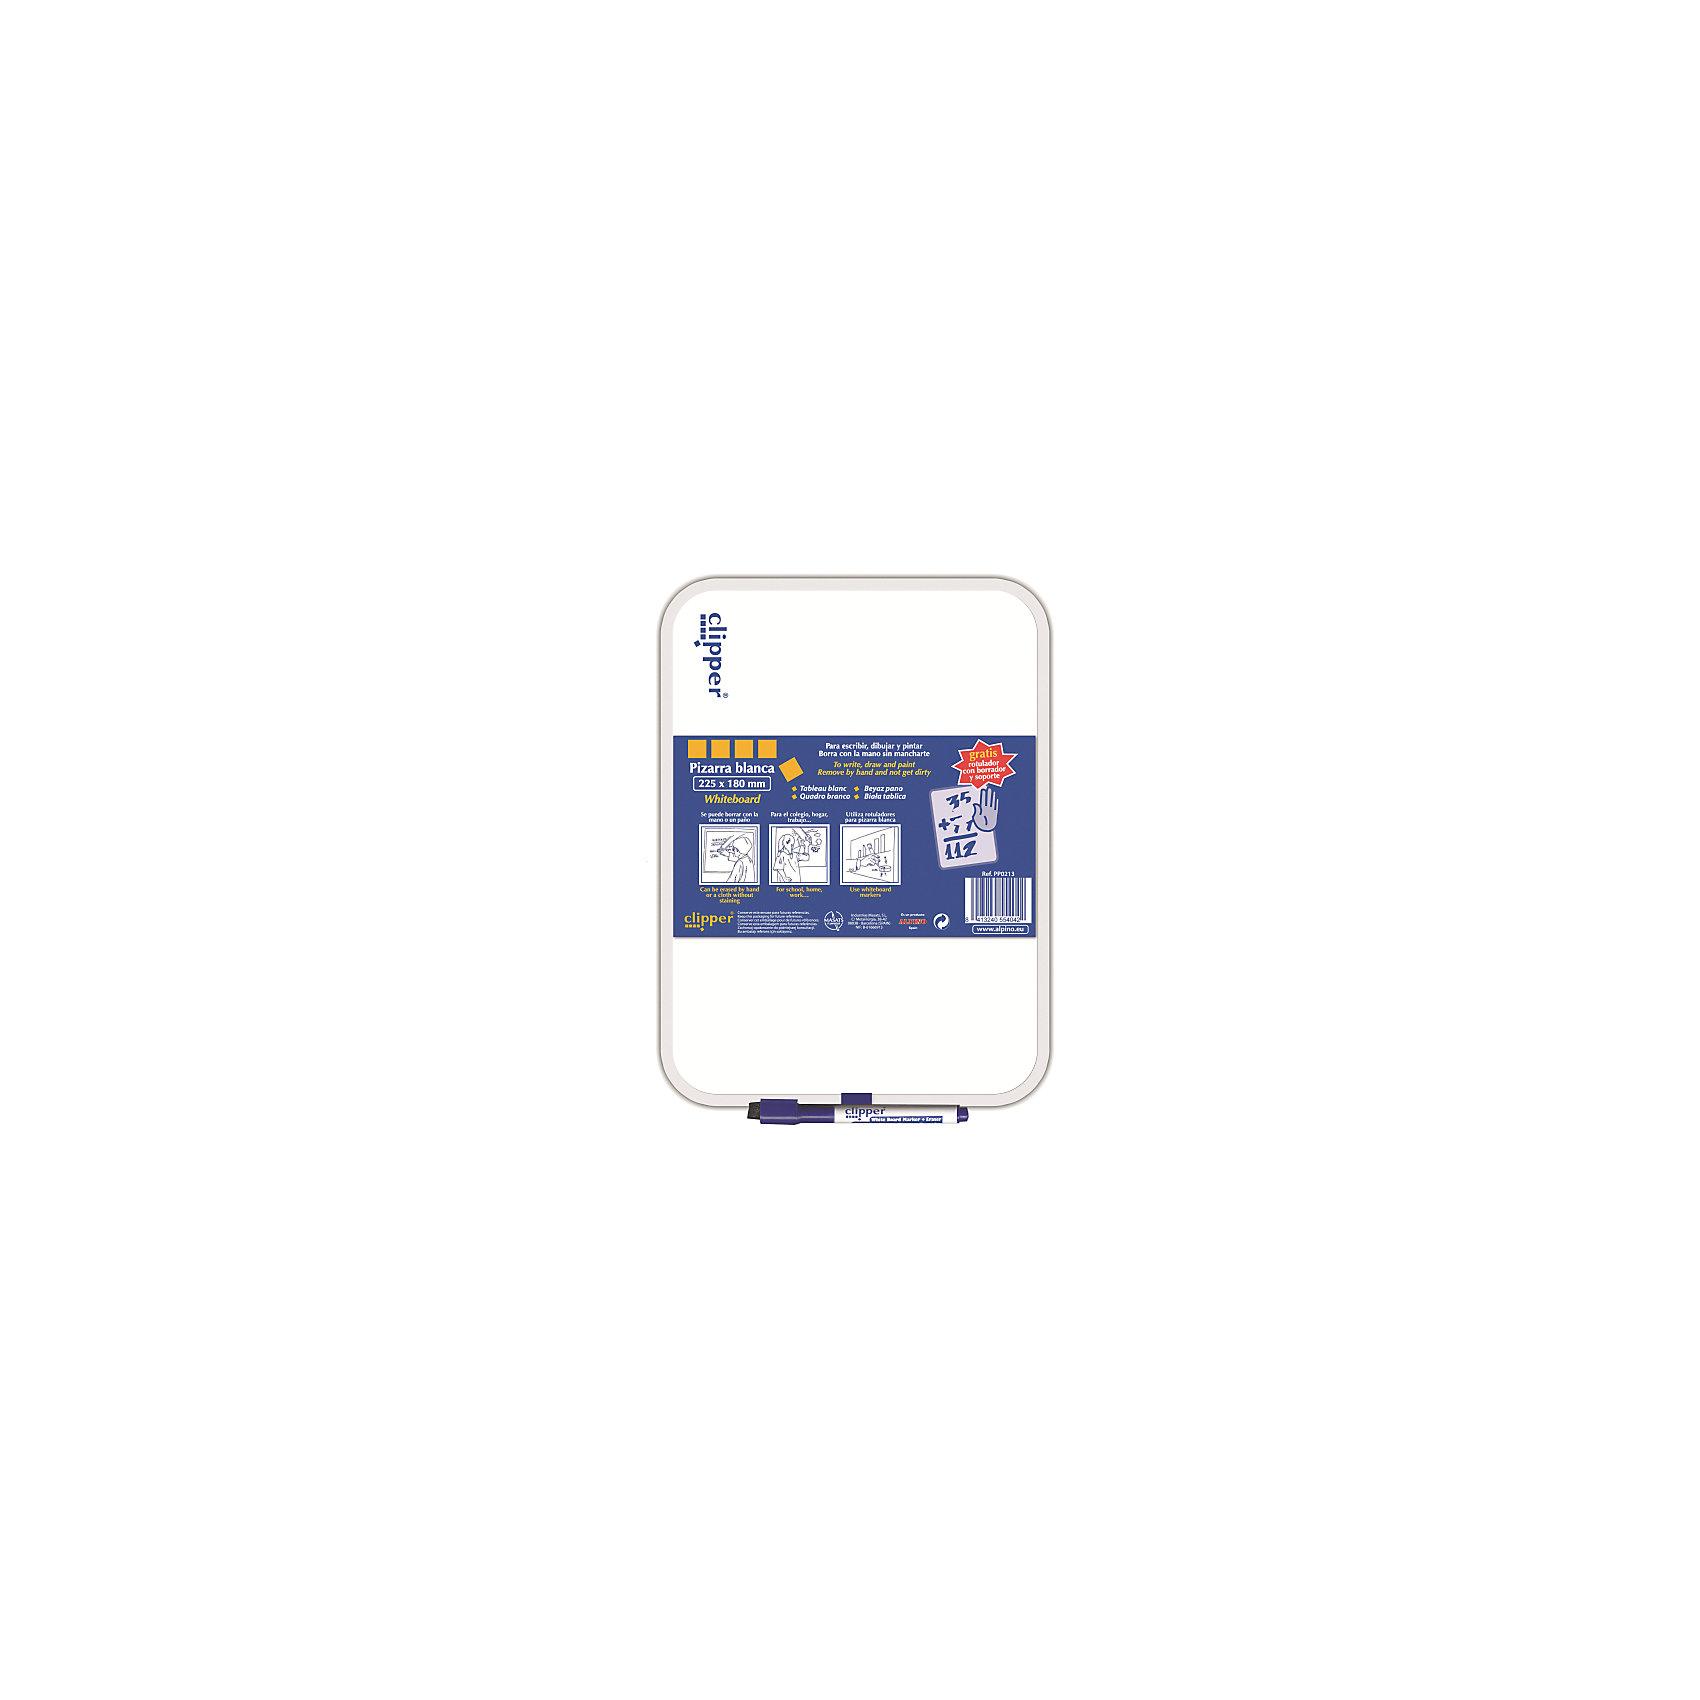 Маркерная доска, цвет белый, 25.5 * 18 см, 1 шт + маркерКомплект: доска ,маркер и губка в колпачке<br>Изготовлена из нетоксичных материалов, основа ПВХ<br>Предназначена для ежедневных записей<br>Упаковка с европетлей<br>Производитель: ALPINO (Испания)<br><br>Ширина мм: 185<br>Глубина мм: 10<br>Высота мм: 265<br>Вес г: 135<br>Возраст от месяцев: 36<br>Возраст до месяцев: 120<br>Пол: Унисекс<br>Возраст: Детский<br>SKU: 5389787